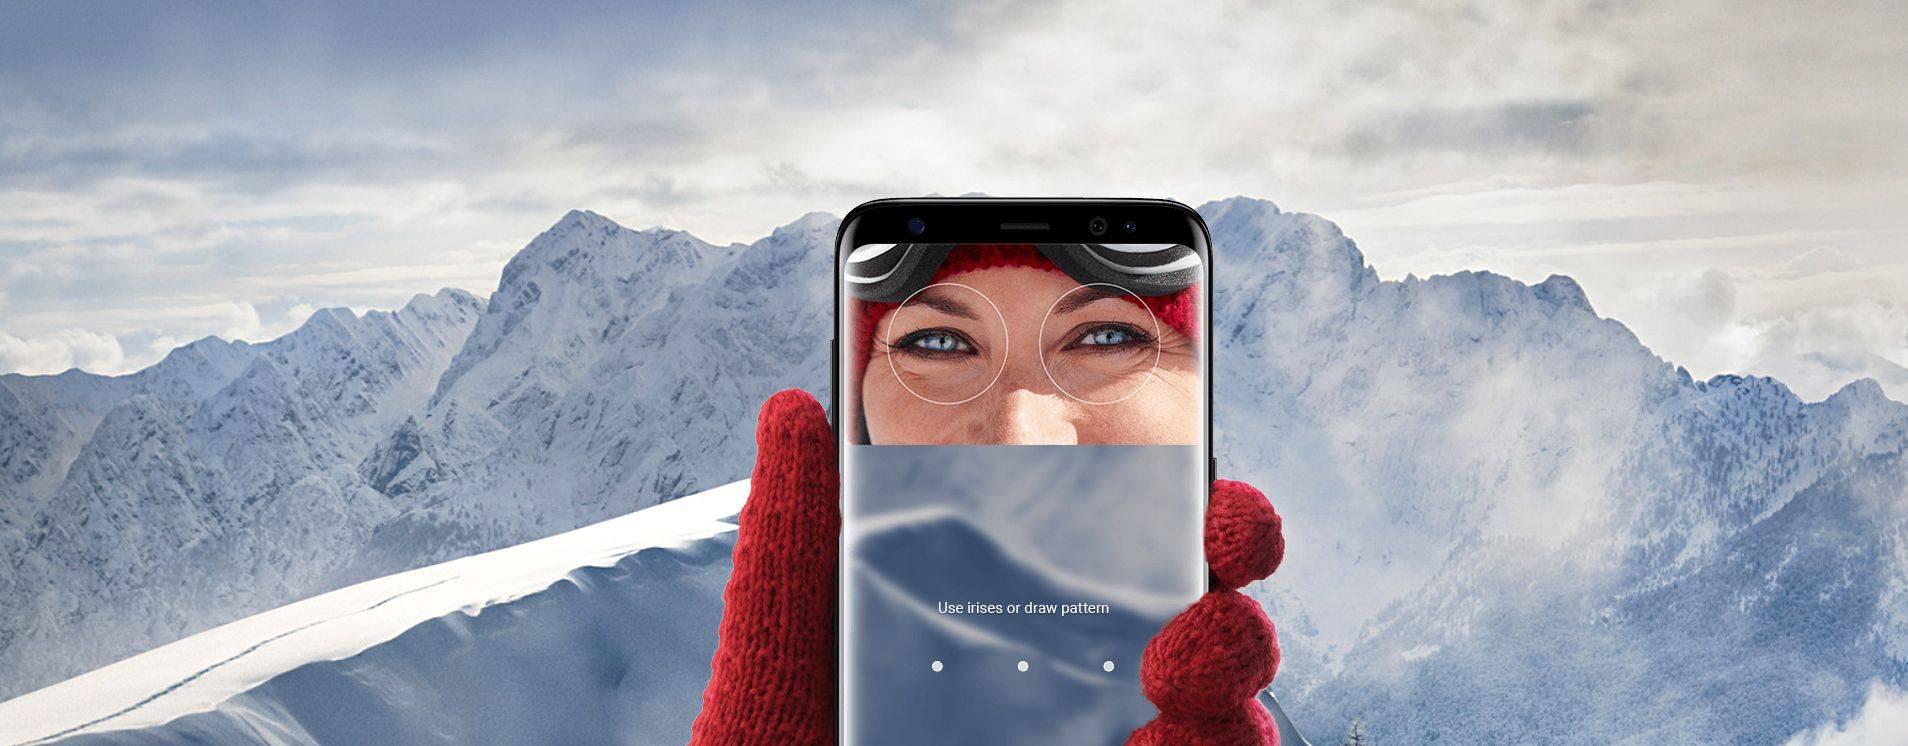 Samsung Galaxy S8 Bezpieczenstwo